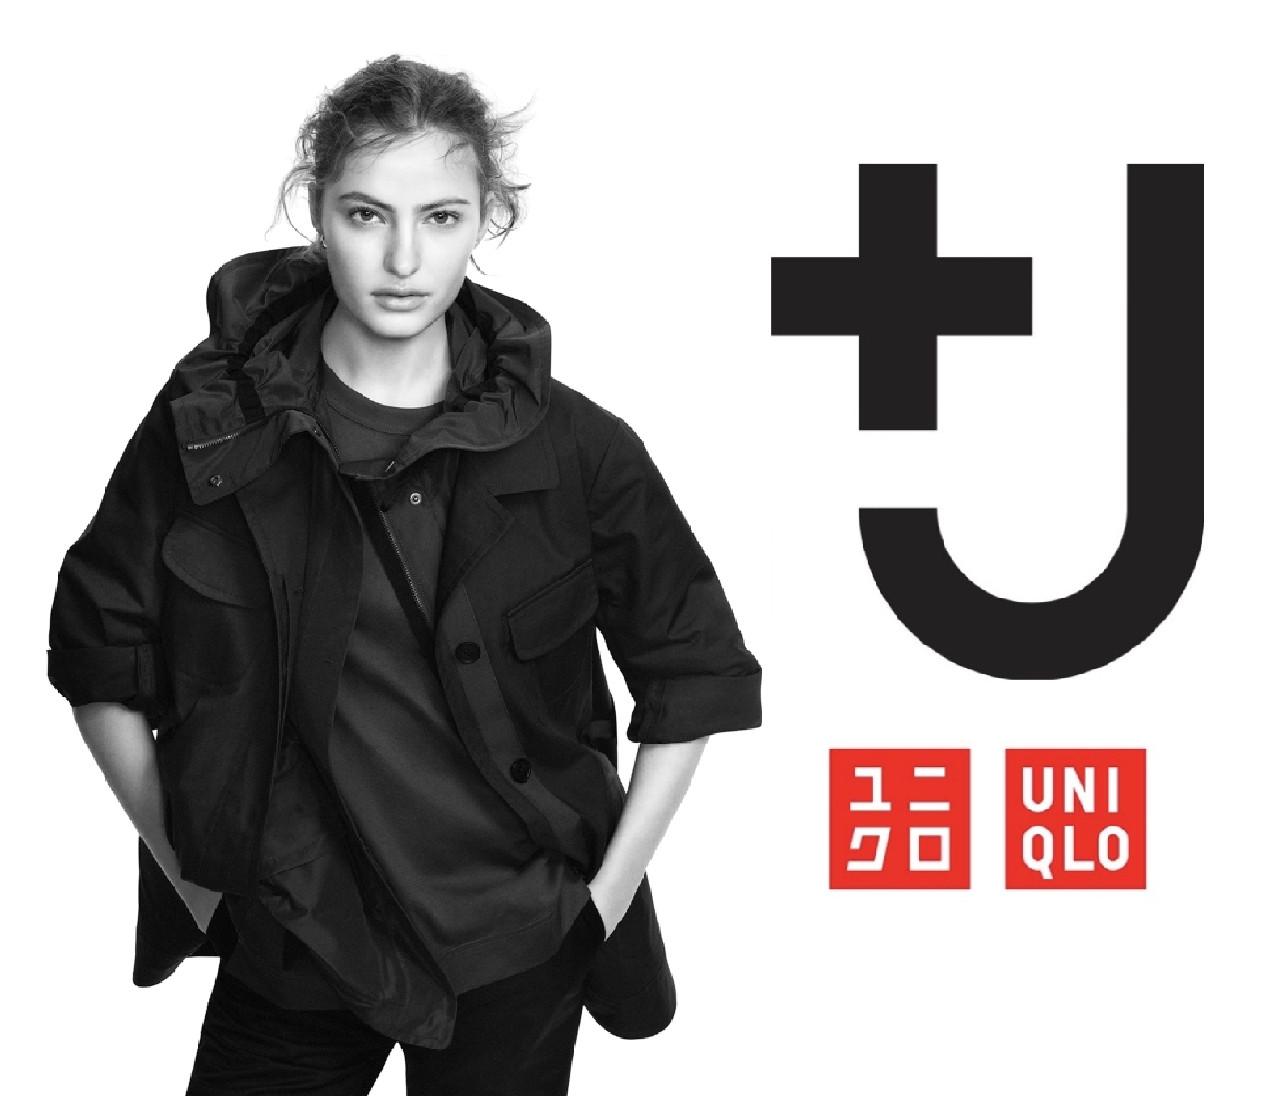 【ユニクロ】復活した「+J」の2021年春夏コレクションが3月19日発売!これぞ30代女子のマストアイテム!